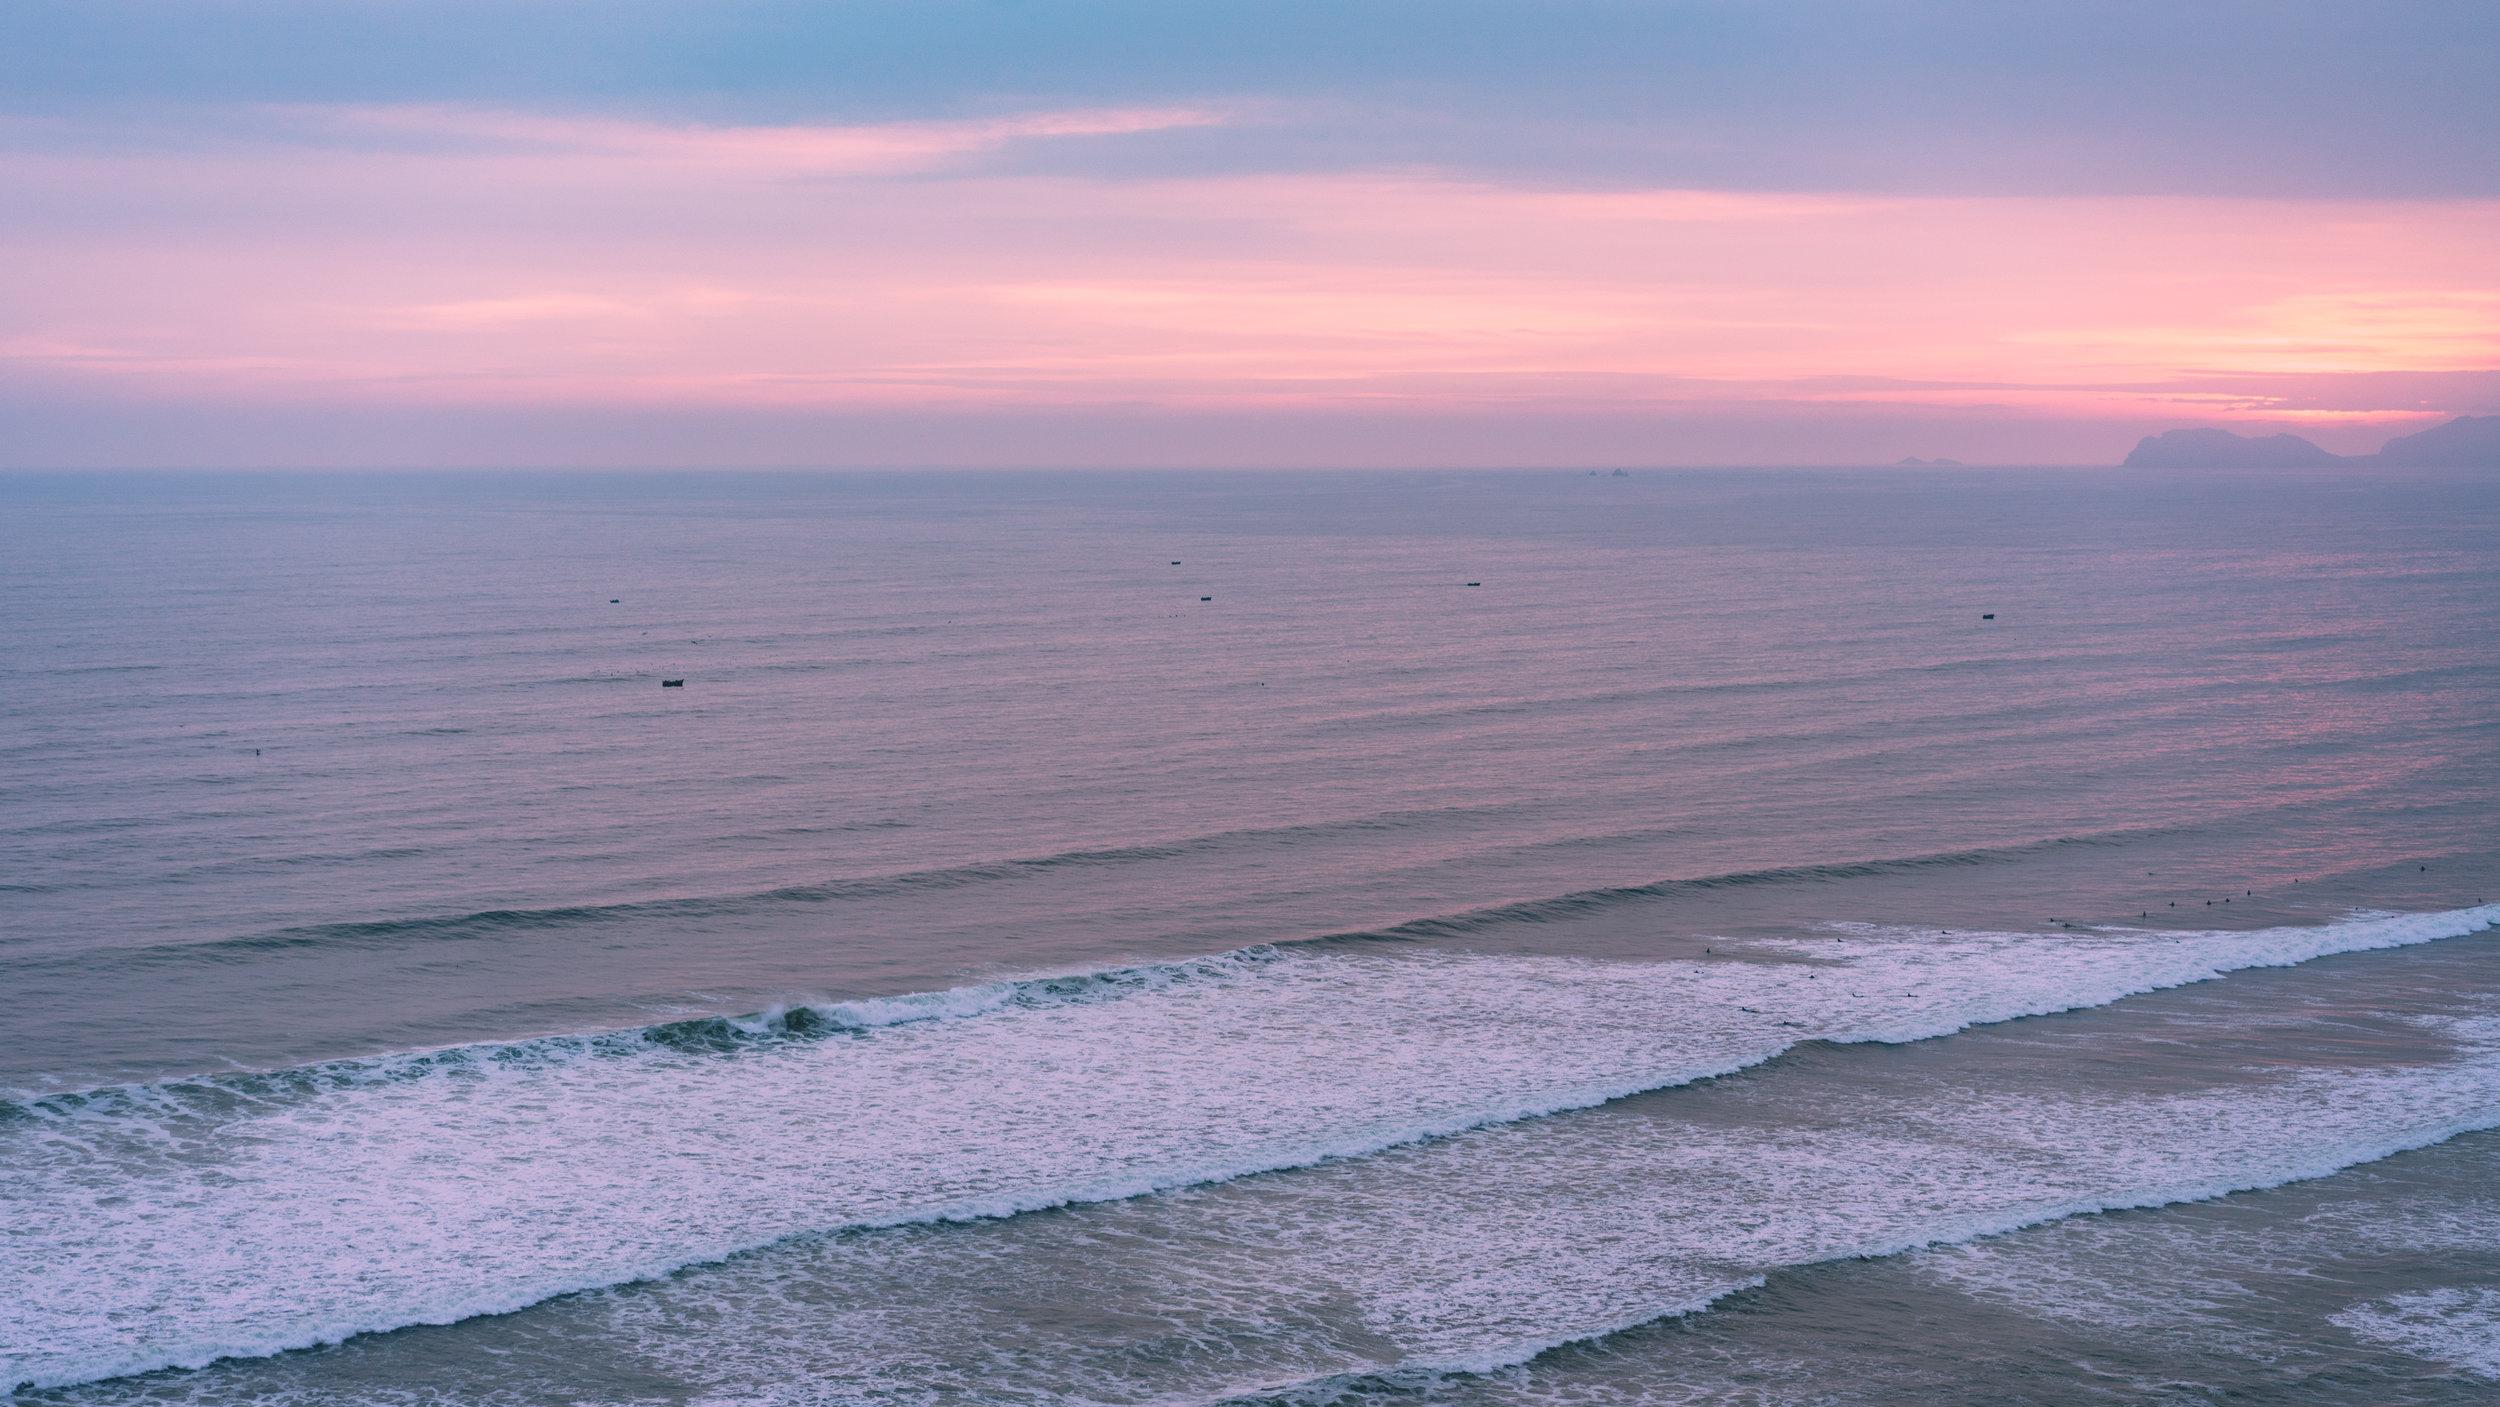 Mancora - Si eres amante de las playas esta es una de las mas famosas de Perú. Aquí se reúnen bañistas y surfers de todo el Mundo para disfrutar de un ambiente playero único en el pacífico peruano.